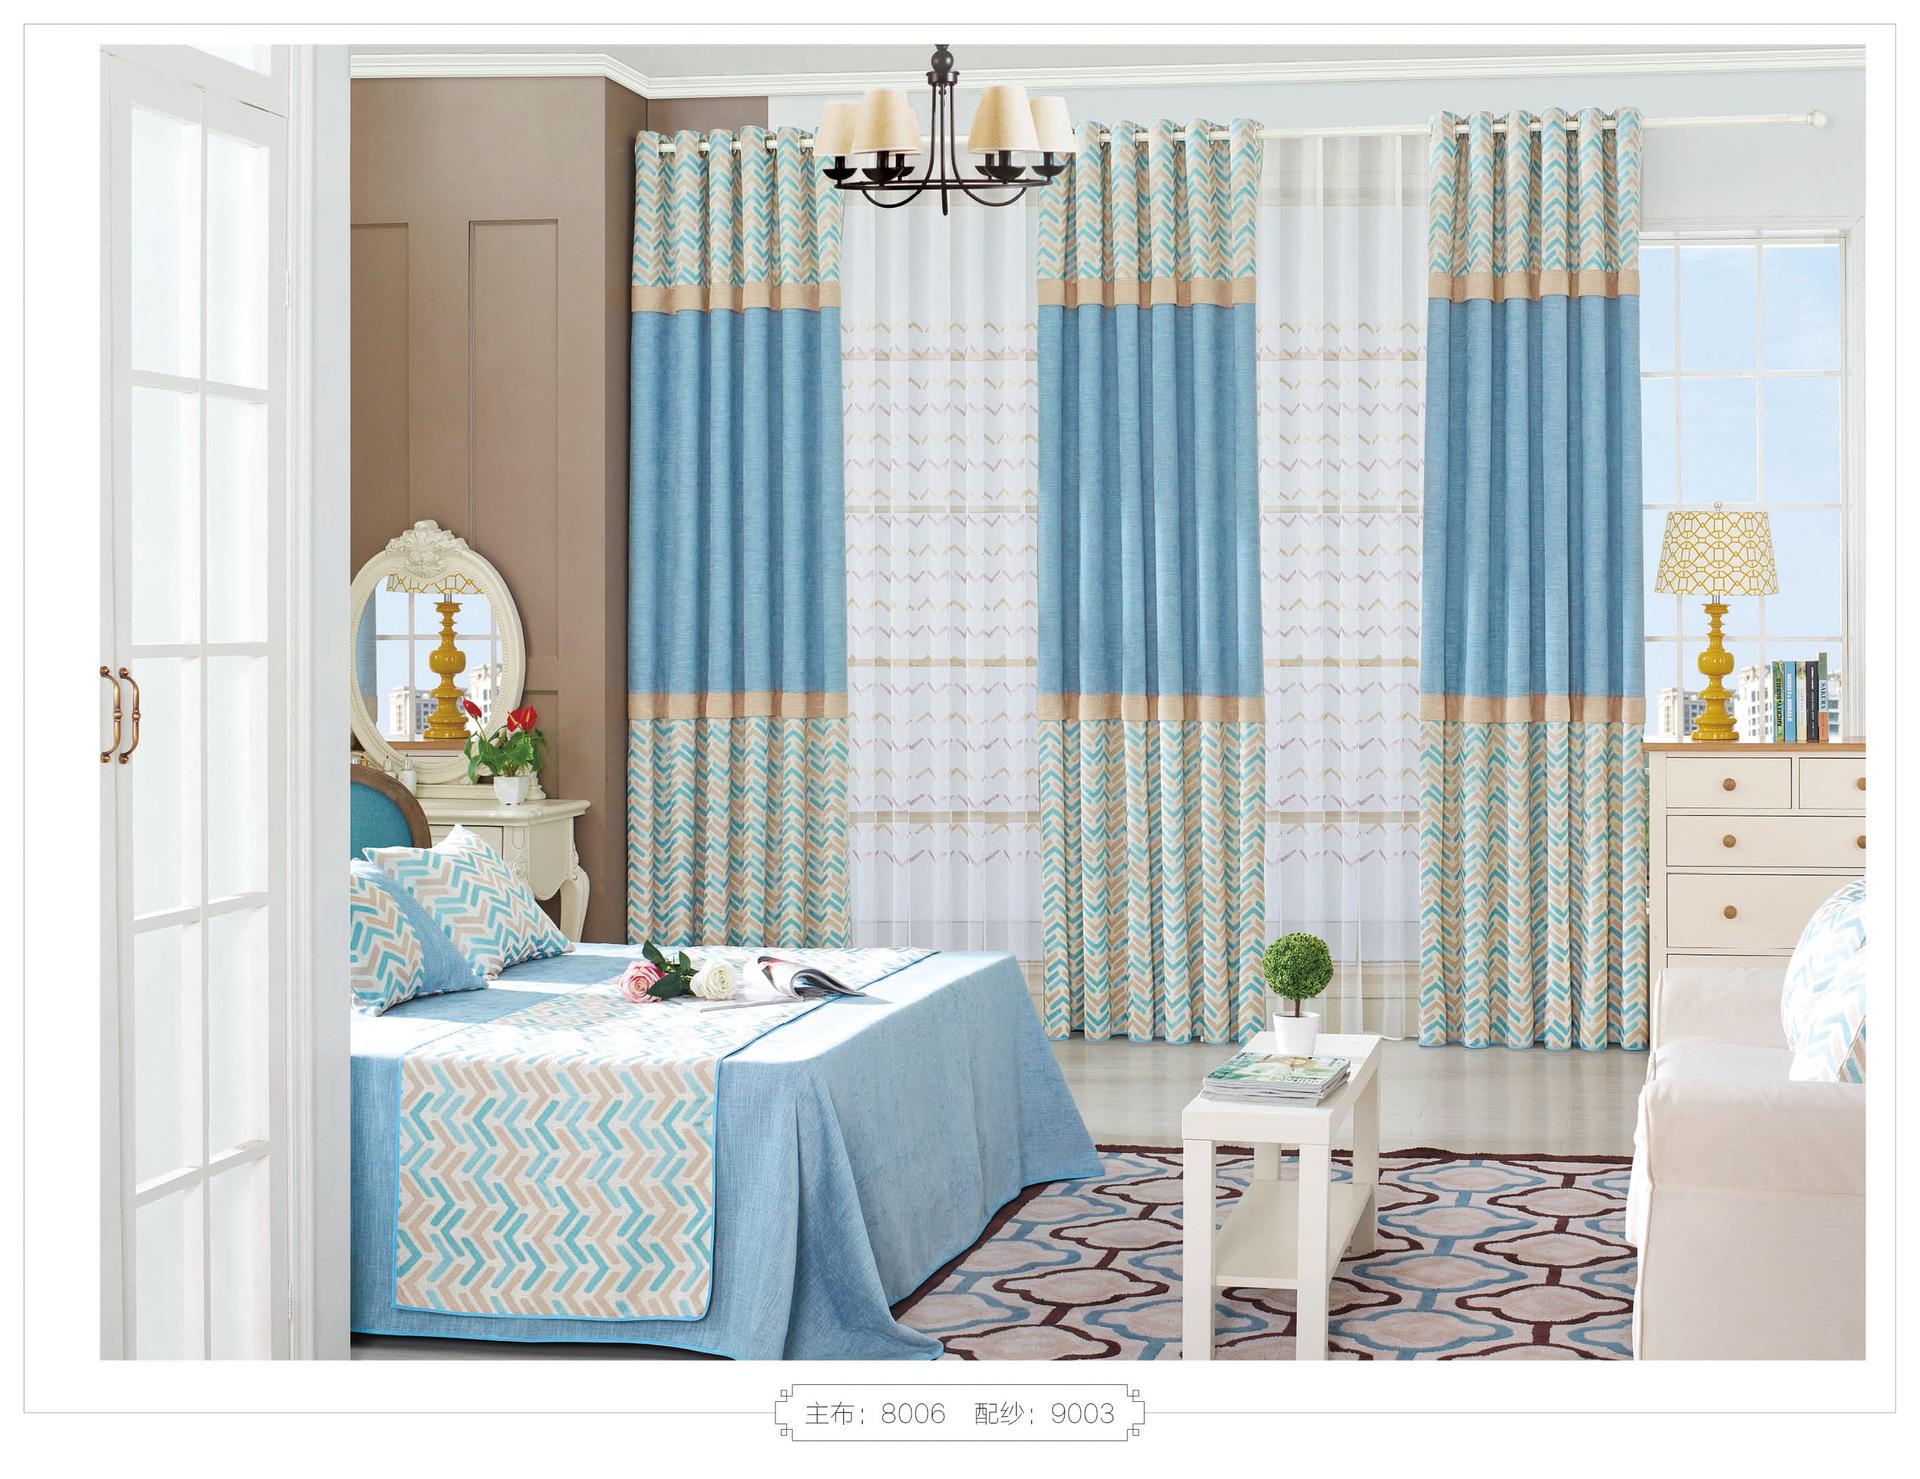 hiện đại đơn giản. Phòng khách phòng ngủ rèm thành phẩm dệt nổi gai chỗ bán buôn vải thô.